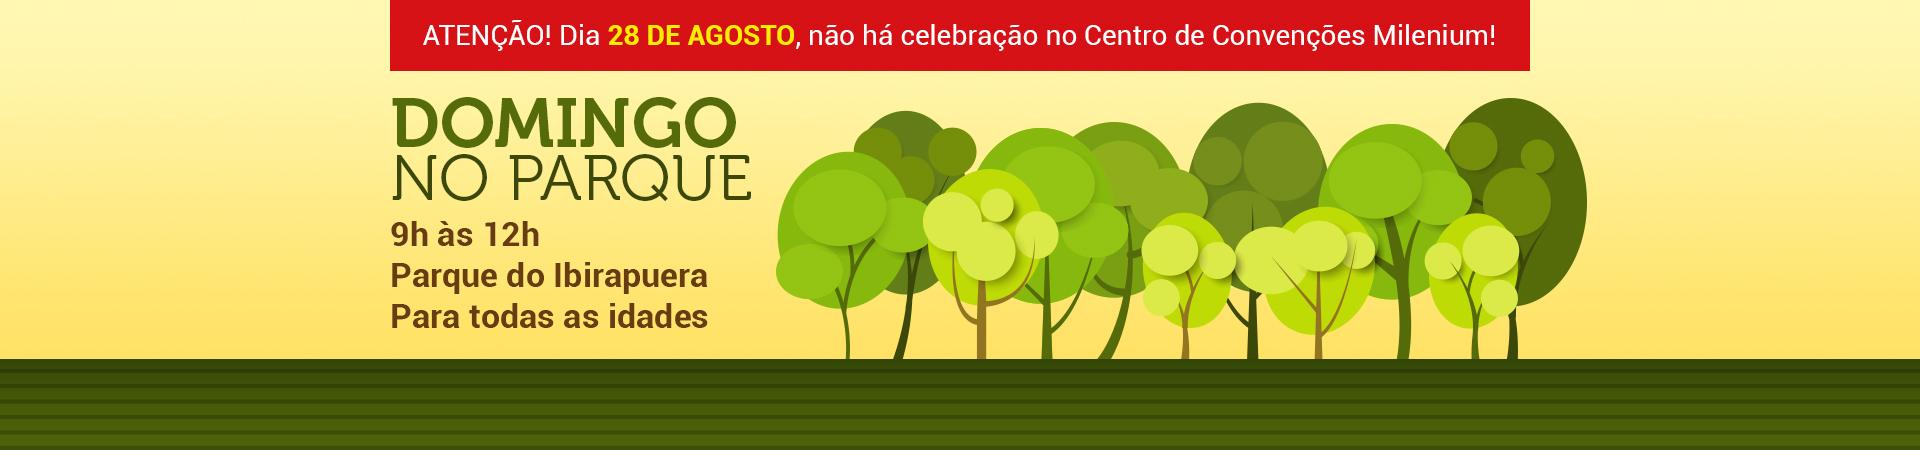 banner_Domingo_Parque